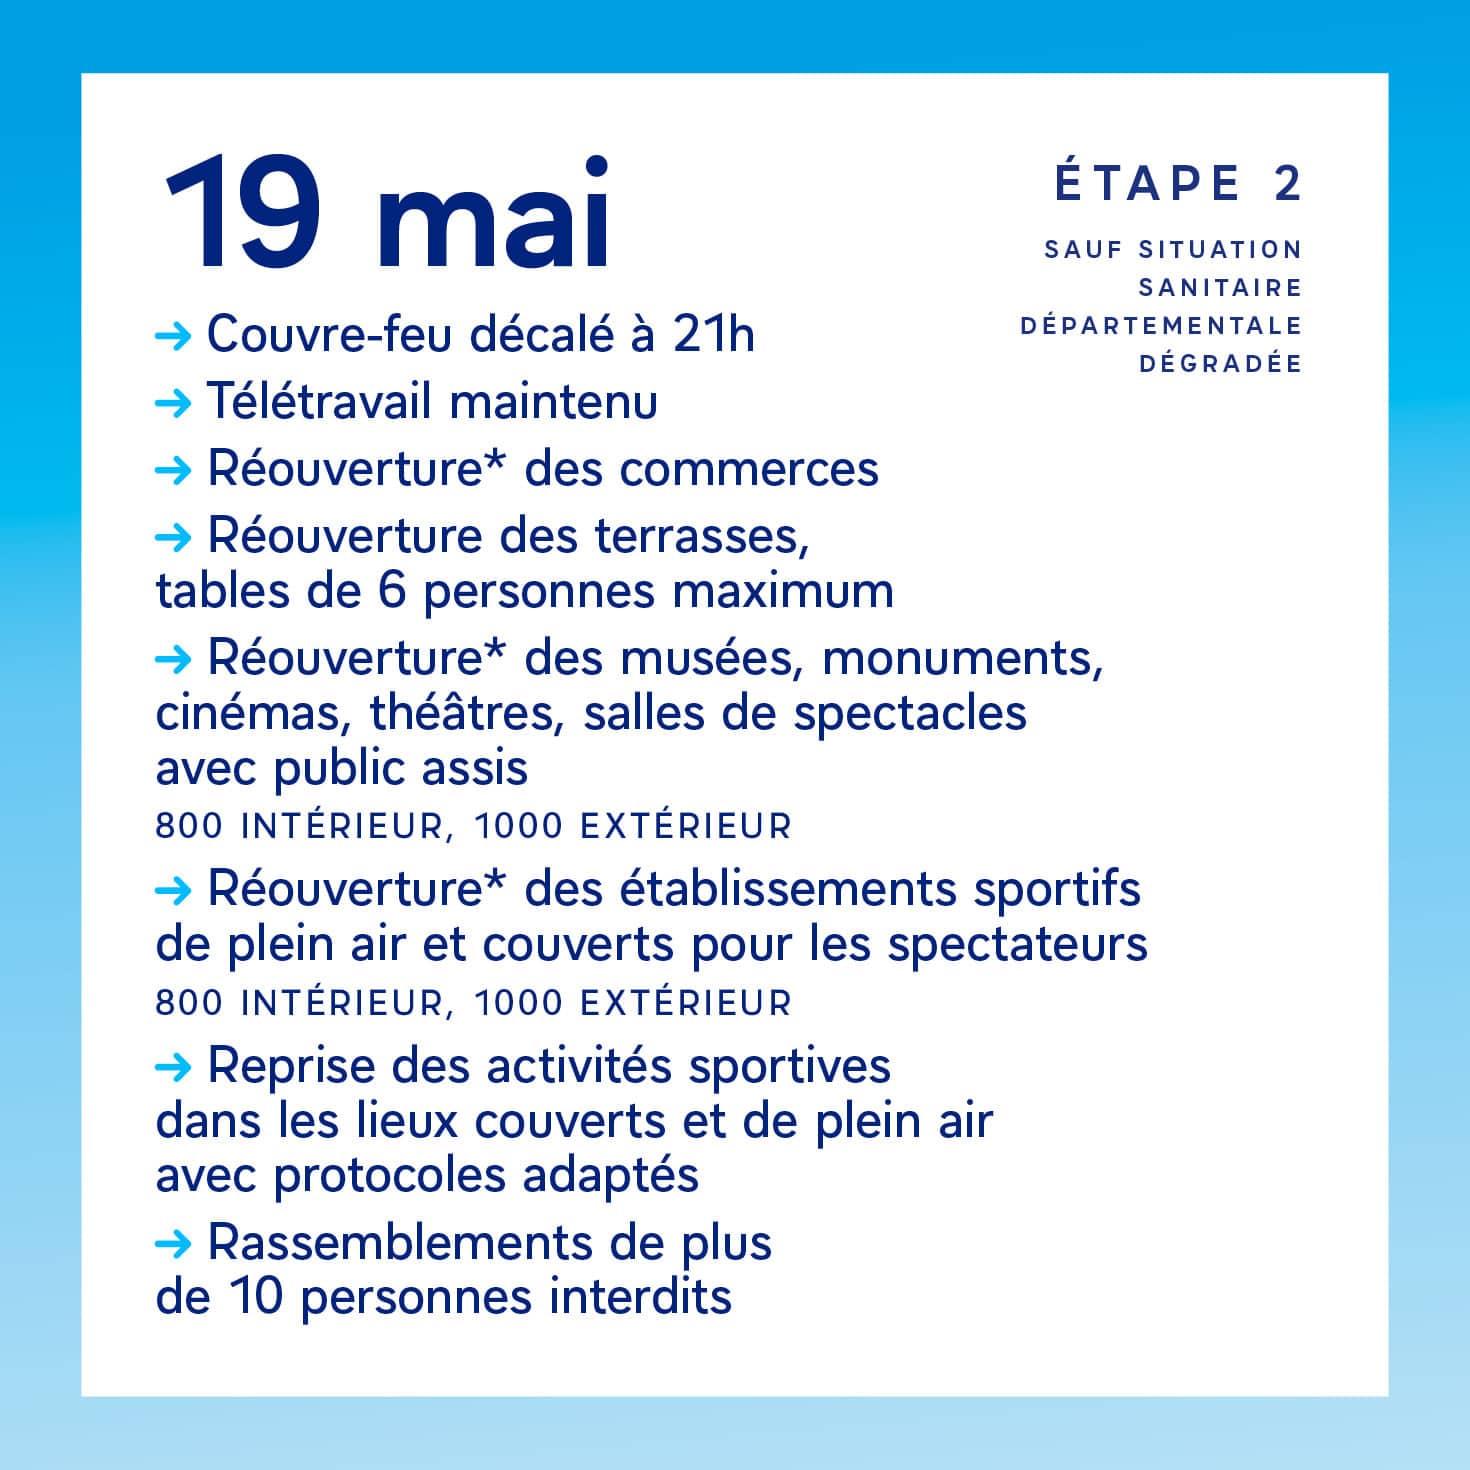 Visuel calendrier deconfinement-19 mai